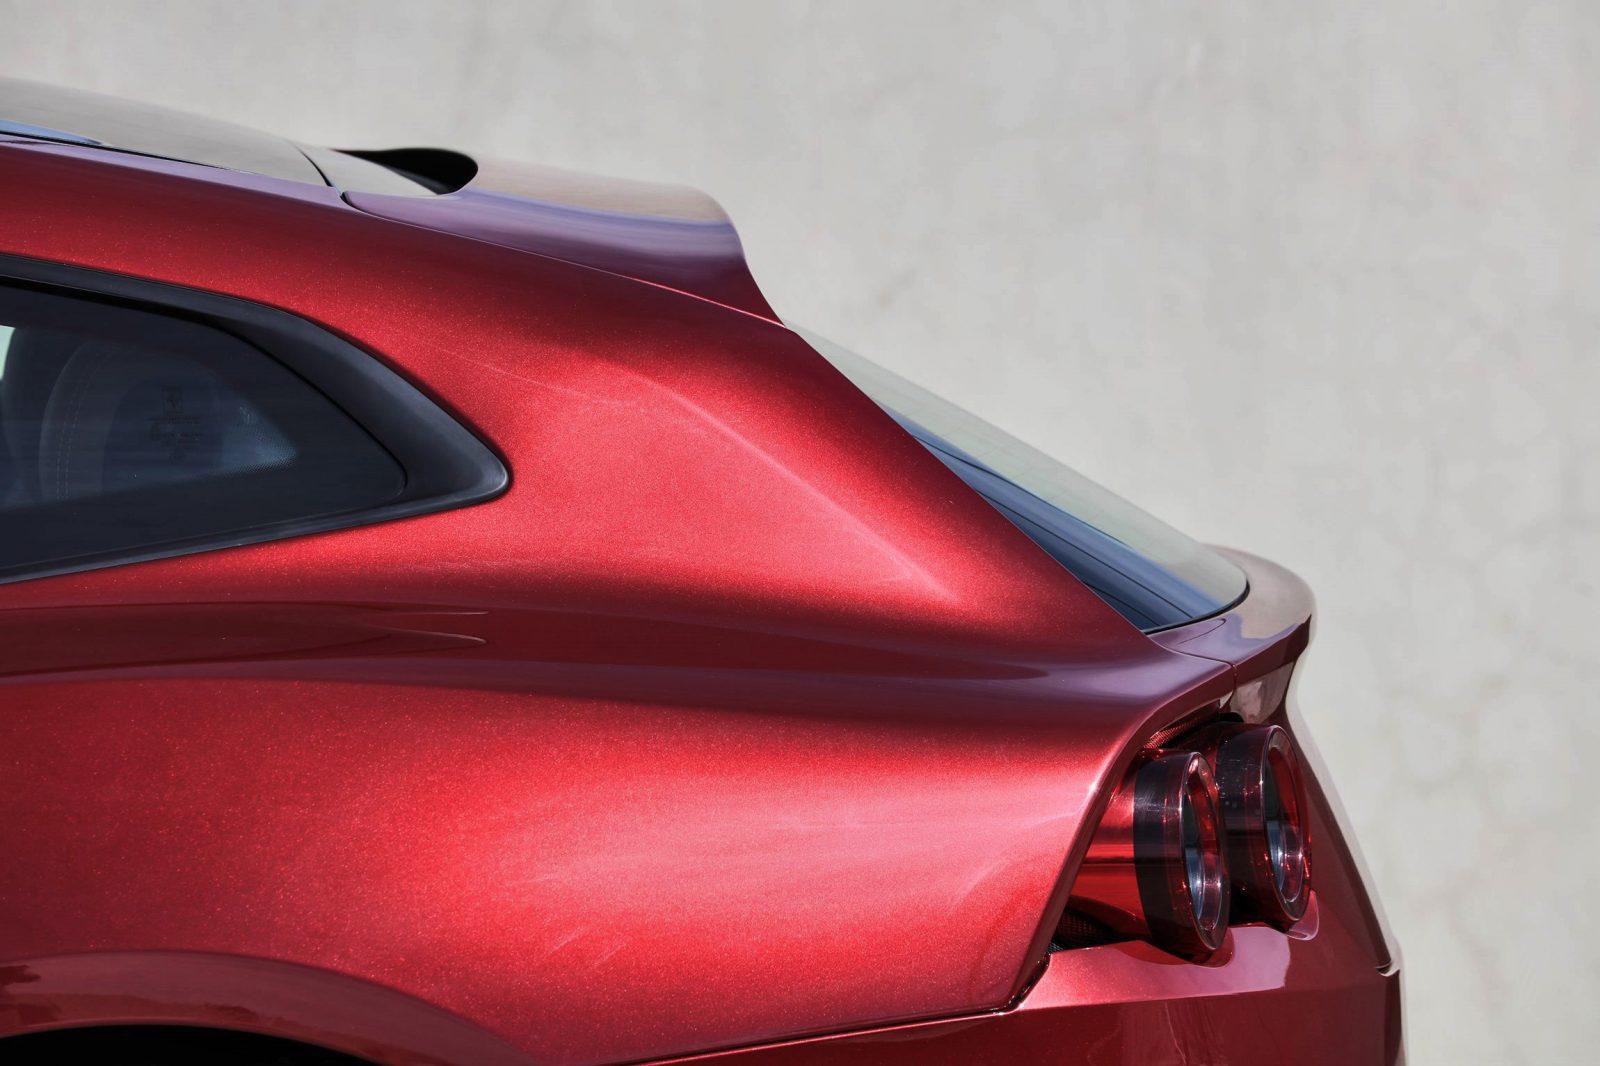 170104-car_GTC4LussoT-rosso copy